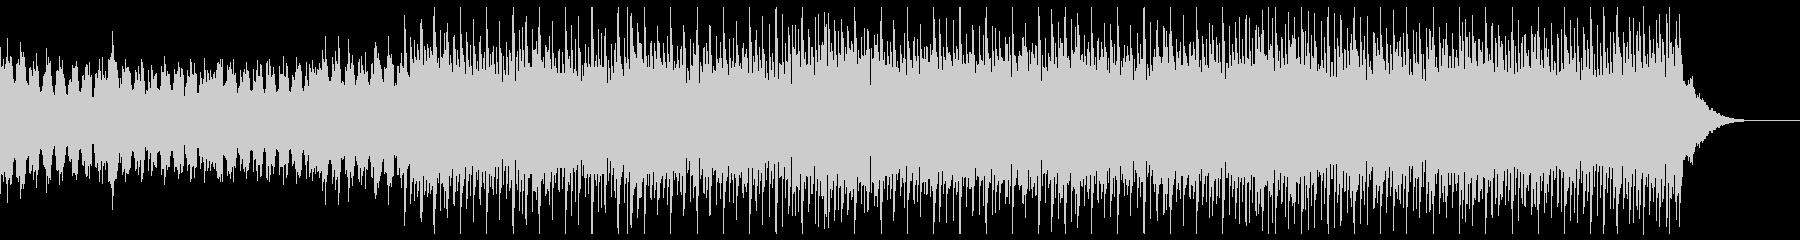 エレクトロチックな四つ打ちの未再生の波形